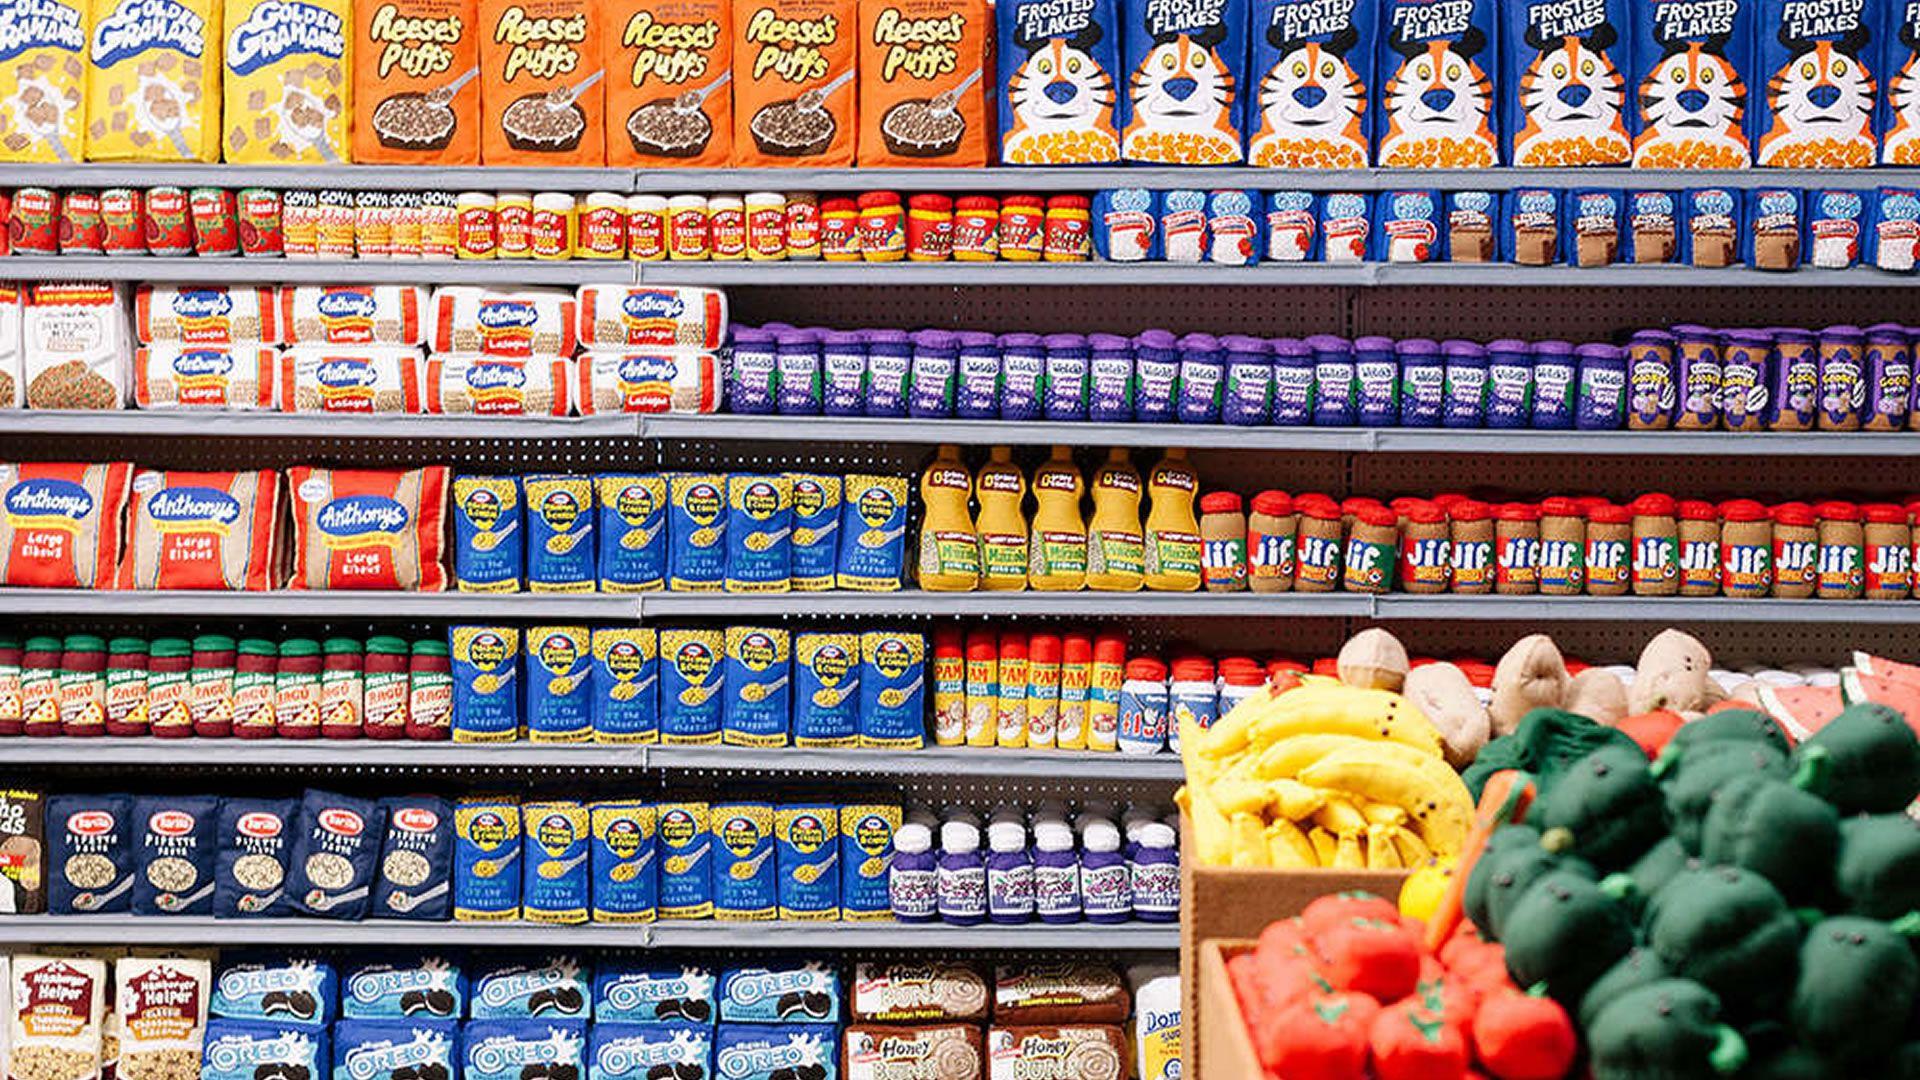 inauguran un supermercado en los Ángeles donde nada es comestible